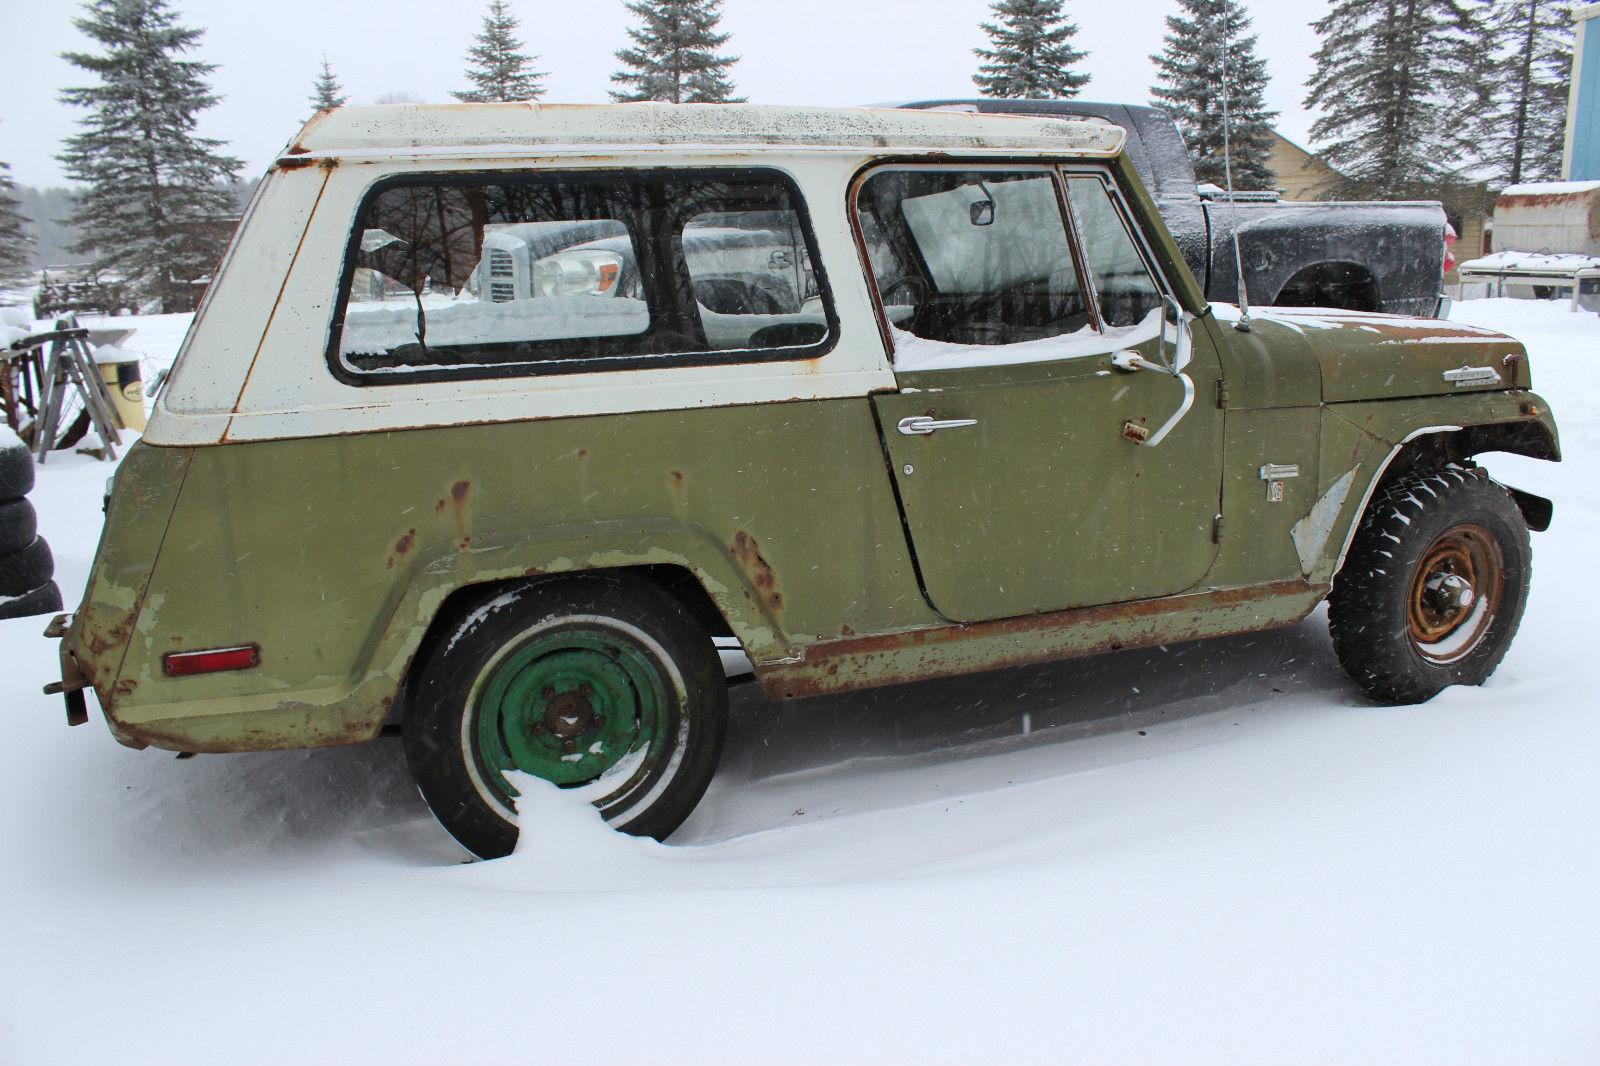 4x4 Suv V6 For Snow | Autos Post